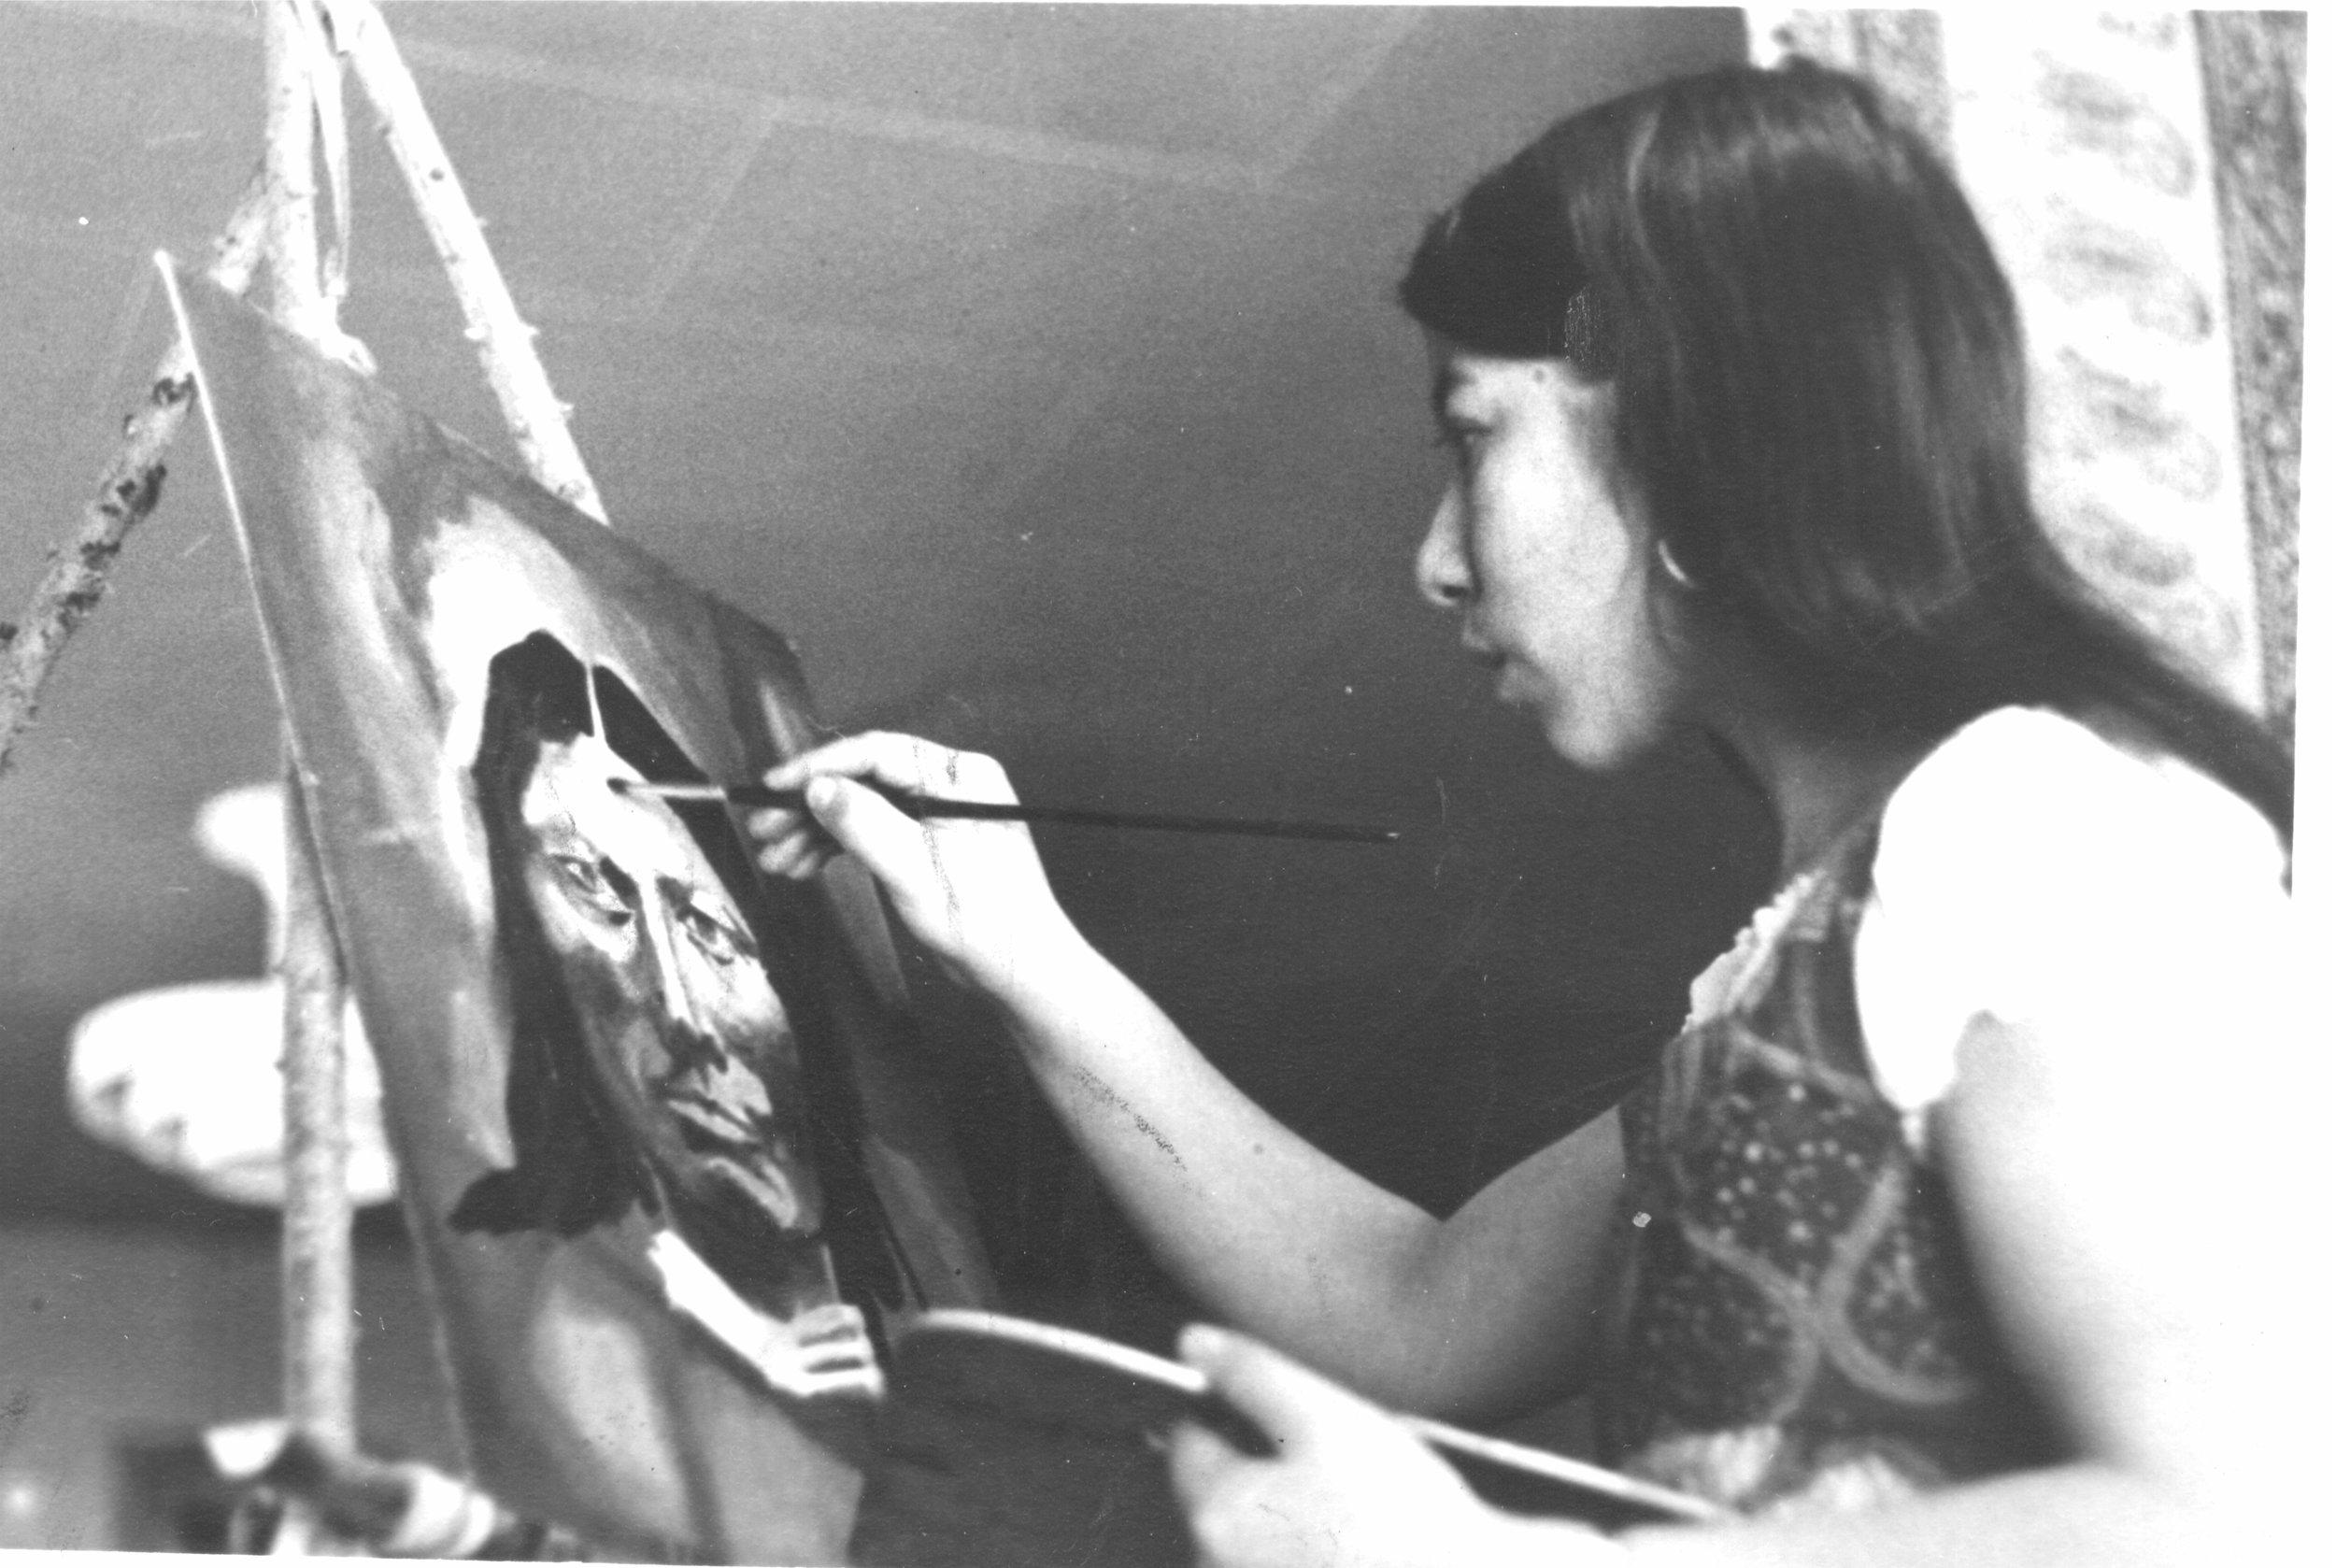 lorraine garcía-nakata, 1970, Wauconda, Washington